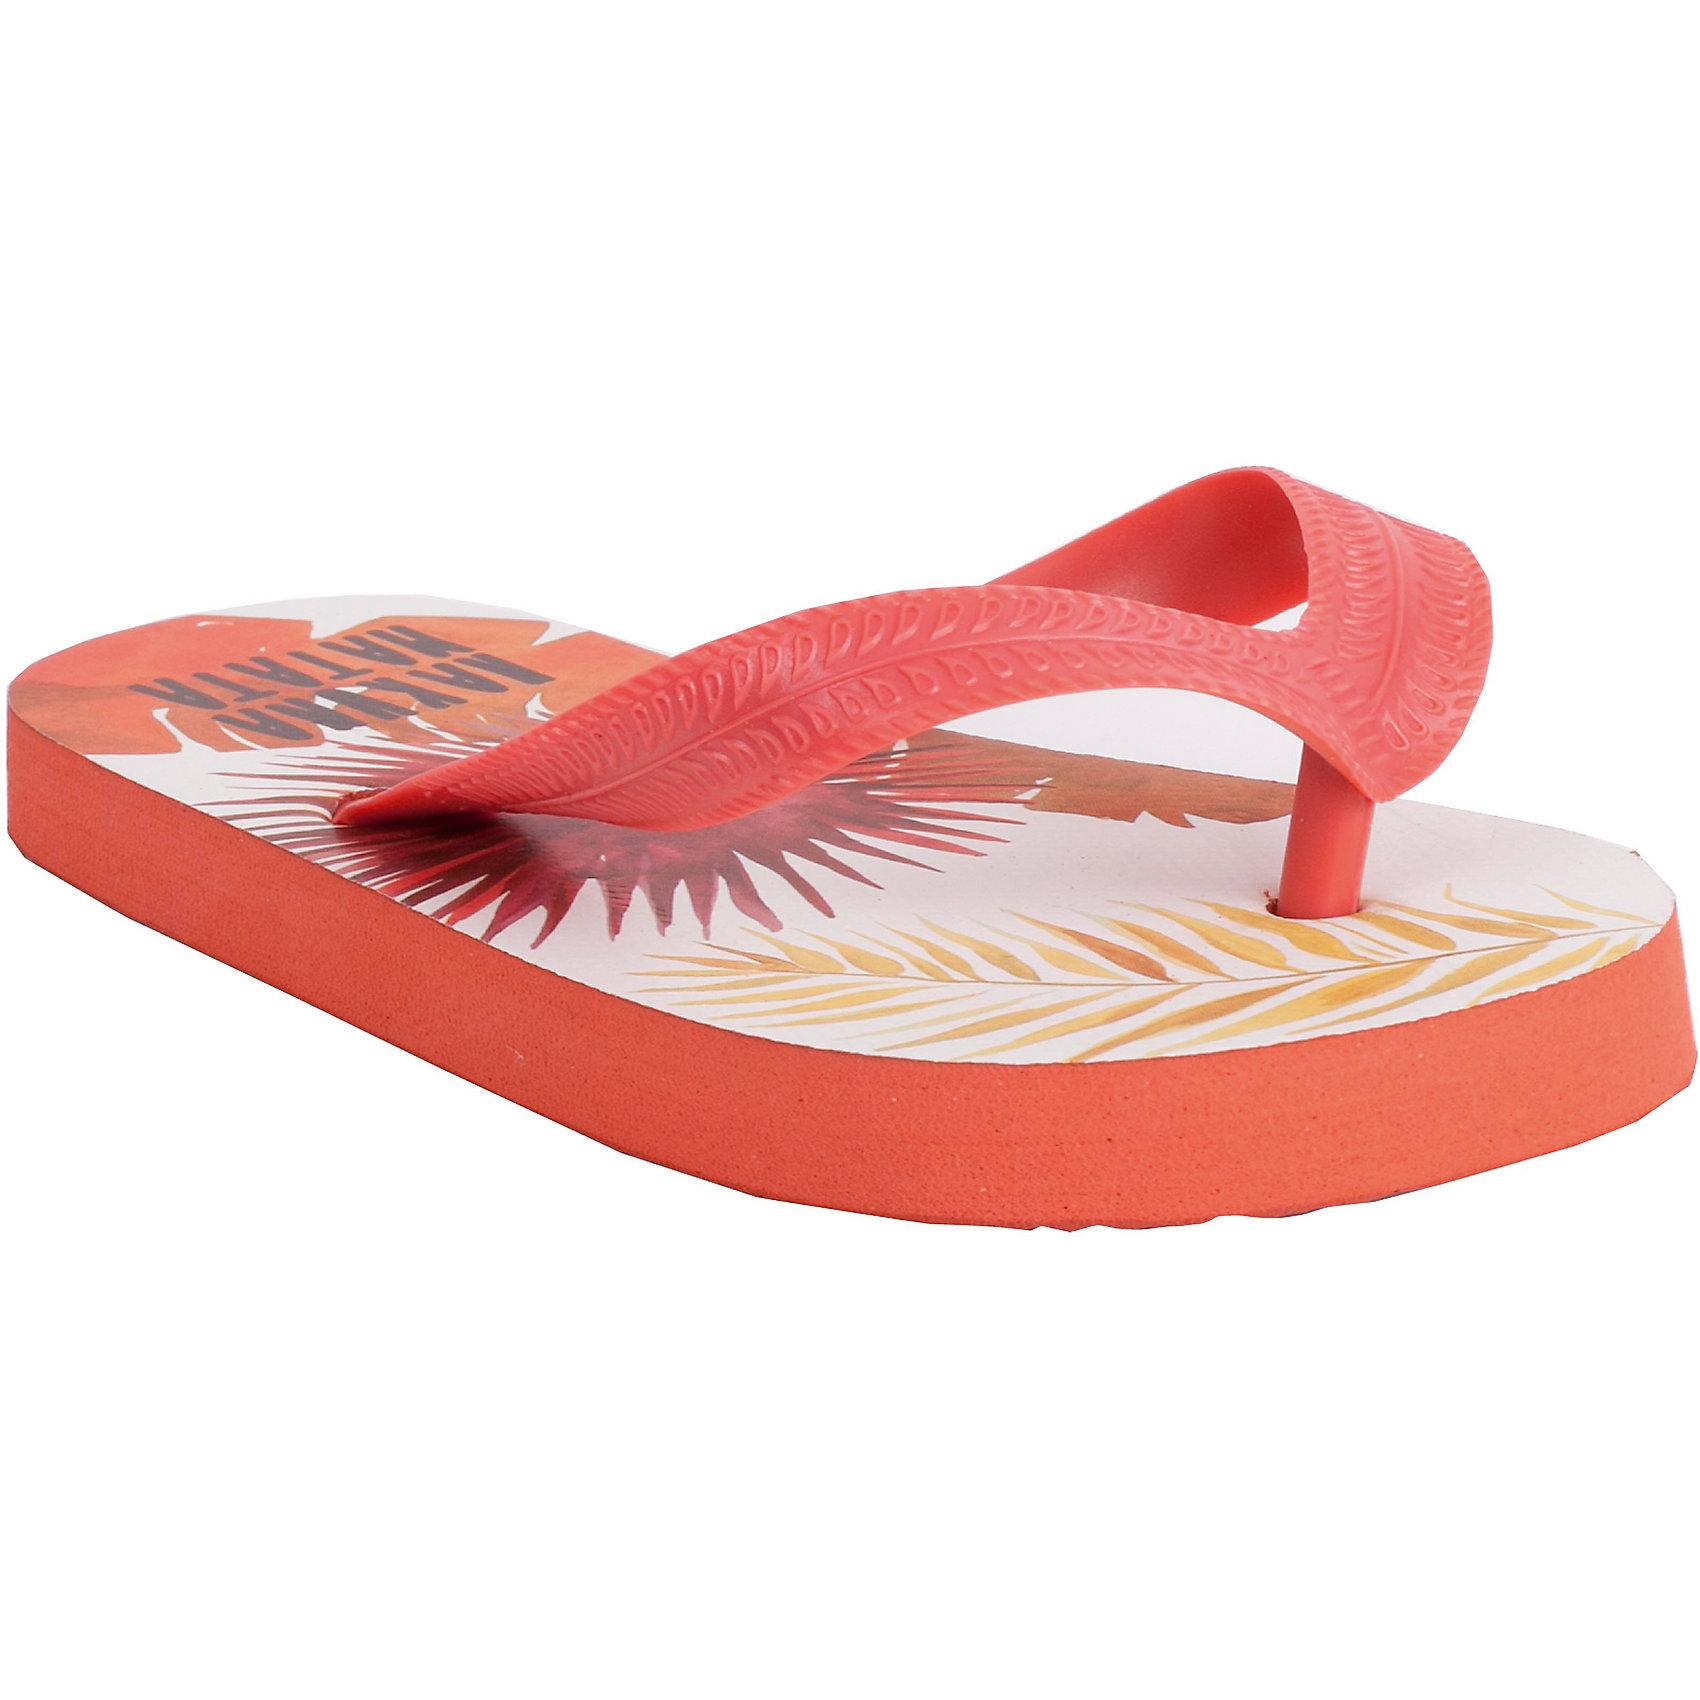 Шлепанцы для мальчика GulliverПляжная обувь<br>Пляжная обувь - вещь, совершенно необходимая для отдыха у воды. Мягкие резиновые тапочки-въетнамки для мальчика надежно защитят ногу от мелкой гальки  и горячего песка, а также станут ярким запоминающимся элементом пляжного ансамбля.  Если вы решили купить подростку въетнамки, обратите внимания на эти! Ребенок наверняка оценит сочный гавайский рисунок и оригинальный шрифтовой принт в стиле коллекции Камбоджа.<br>Состав:<br>верх:                              PVC;             подошва:                 EVA<br><br>Ширина мм: 248<br>Глубина мм: 135<br>Высота мм: 147<br>Вес г: 256<br>Цвет: разноцветный<br>Возраст от месяцев: 156<br>Возраст до месяцев: 1188<br>Пол: Мужской<br>Возраст: Детский<br>Размер: 38,39,40,37,36<br>SKU: 4535135